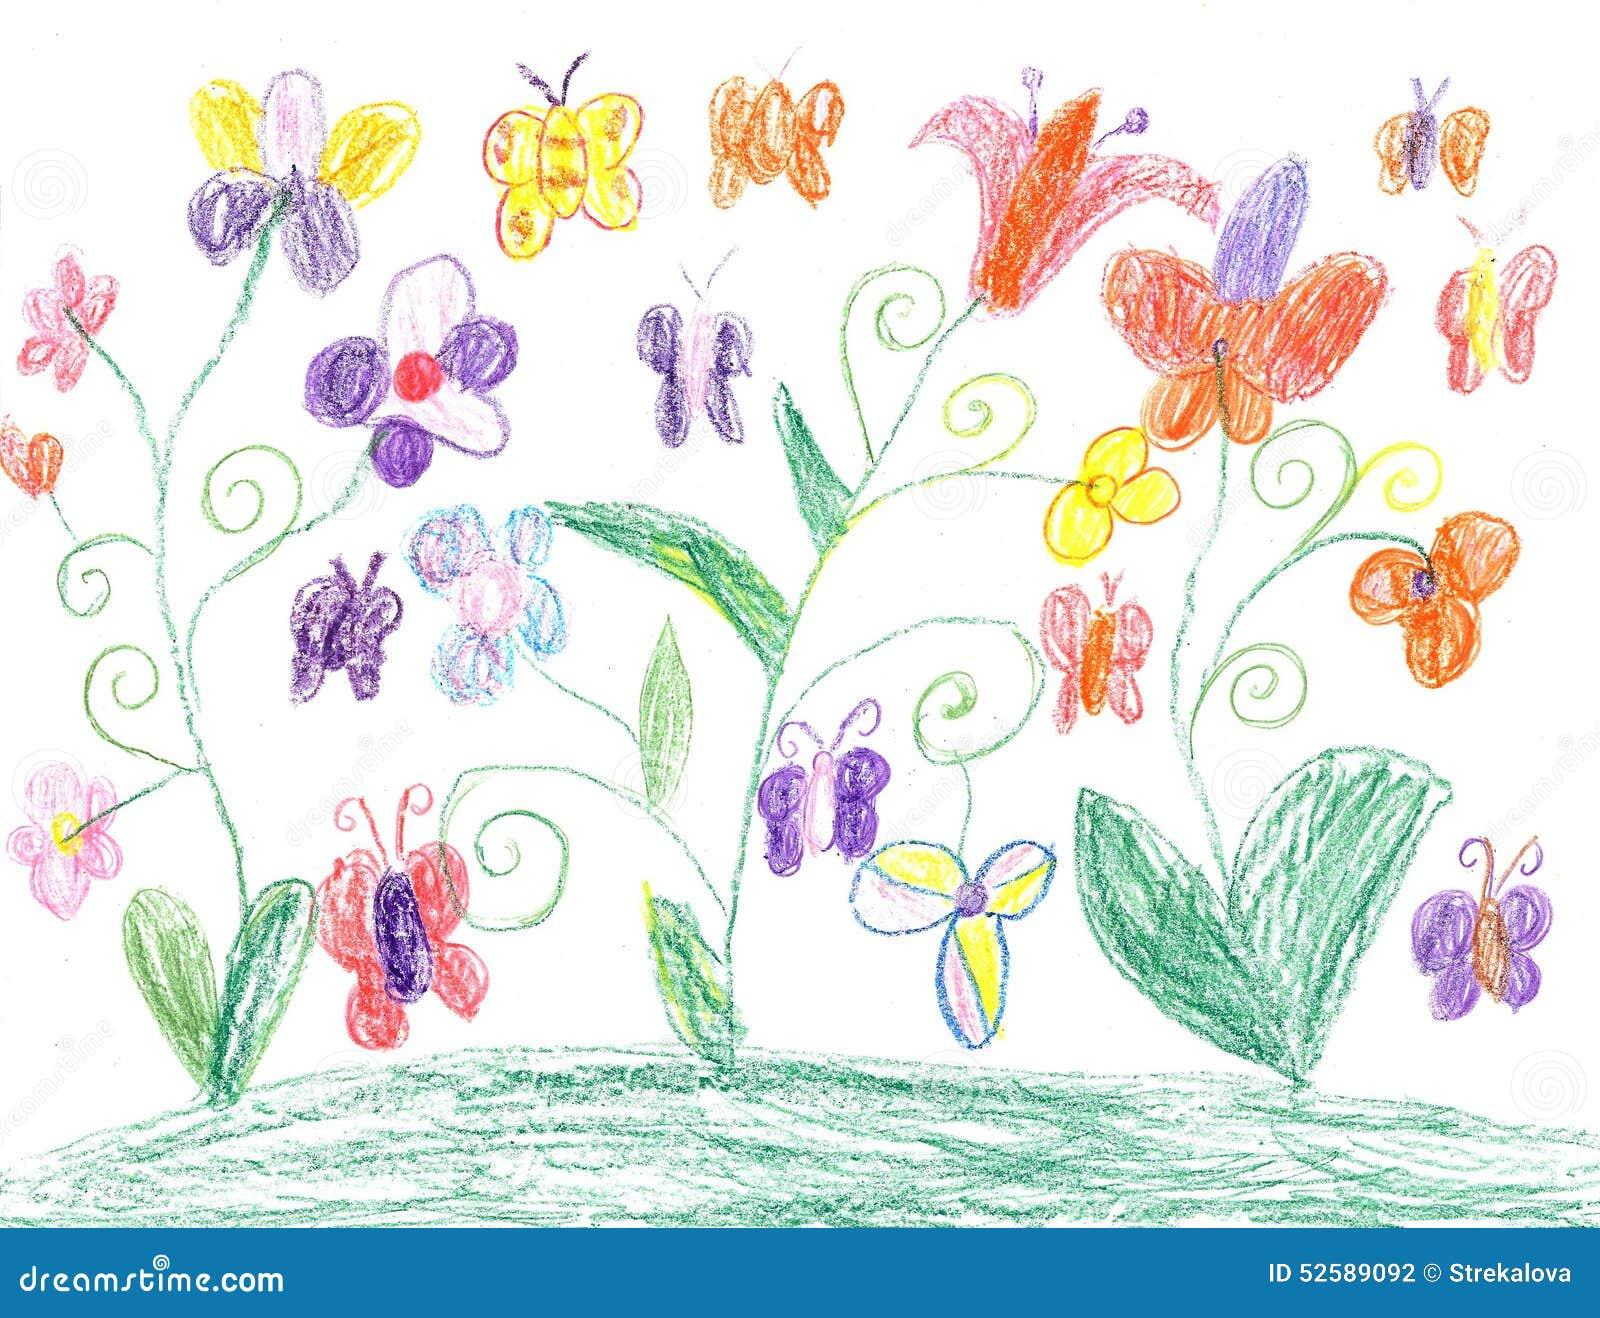 papillon de dessin d 39 enfant et nature de fleurs. Black Bedroom Furniture Sets. Home Design Ideas